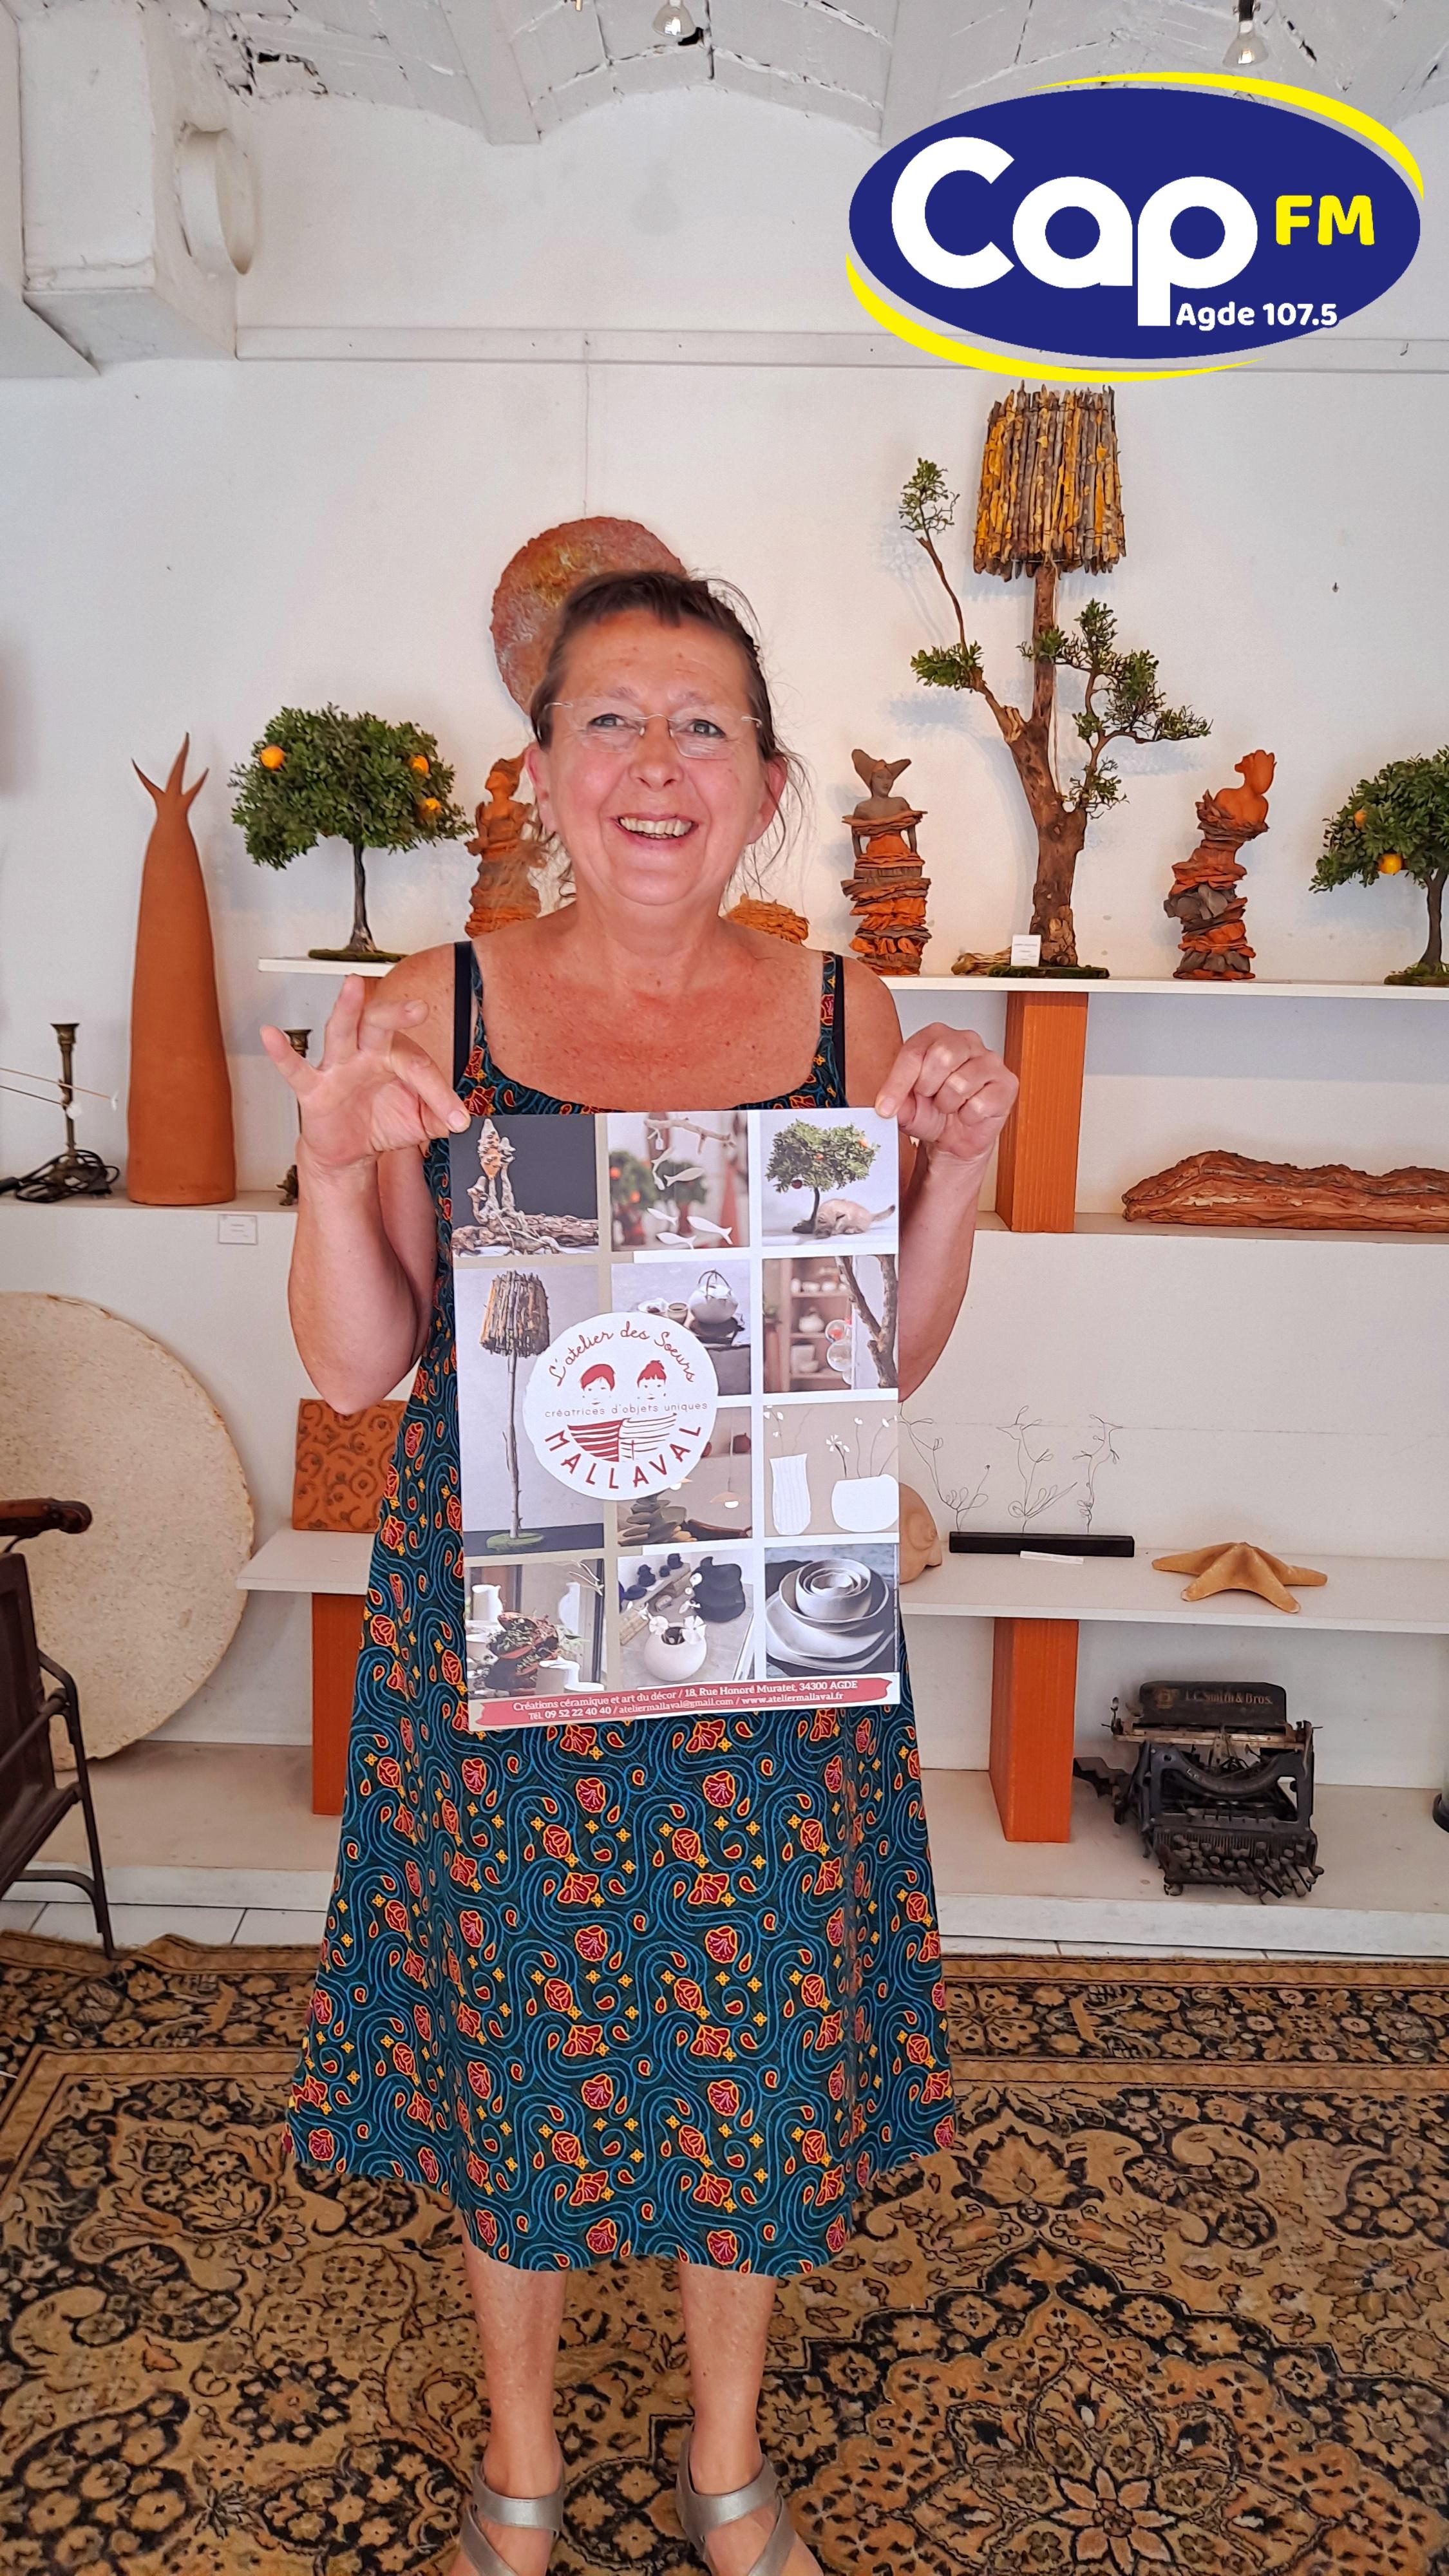 ALLO t'ES Qui ? : Les Soeurs Malavals à Agde